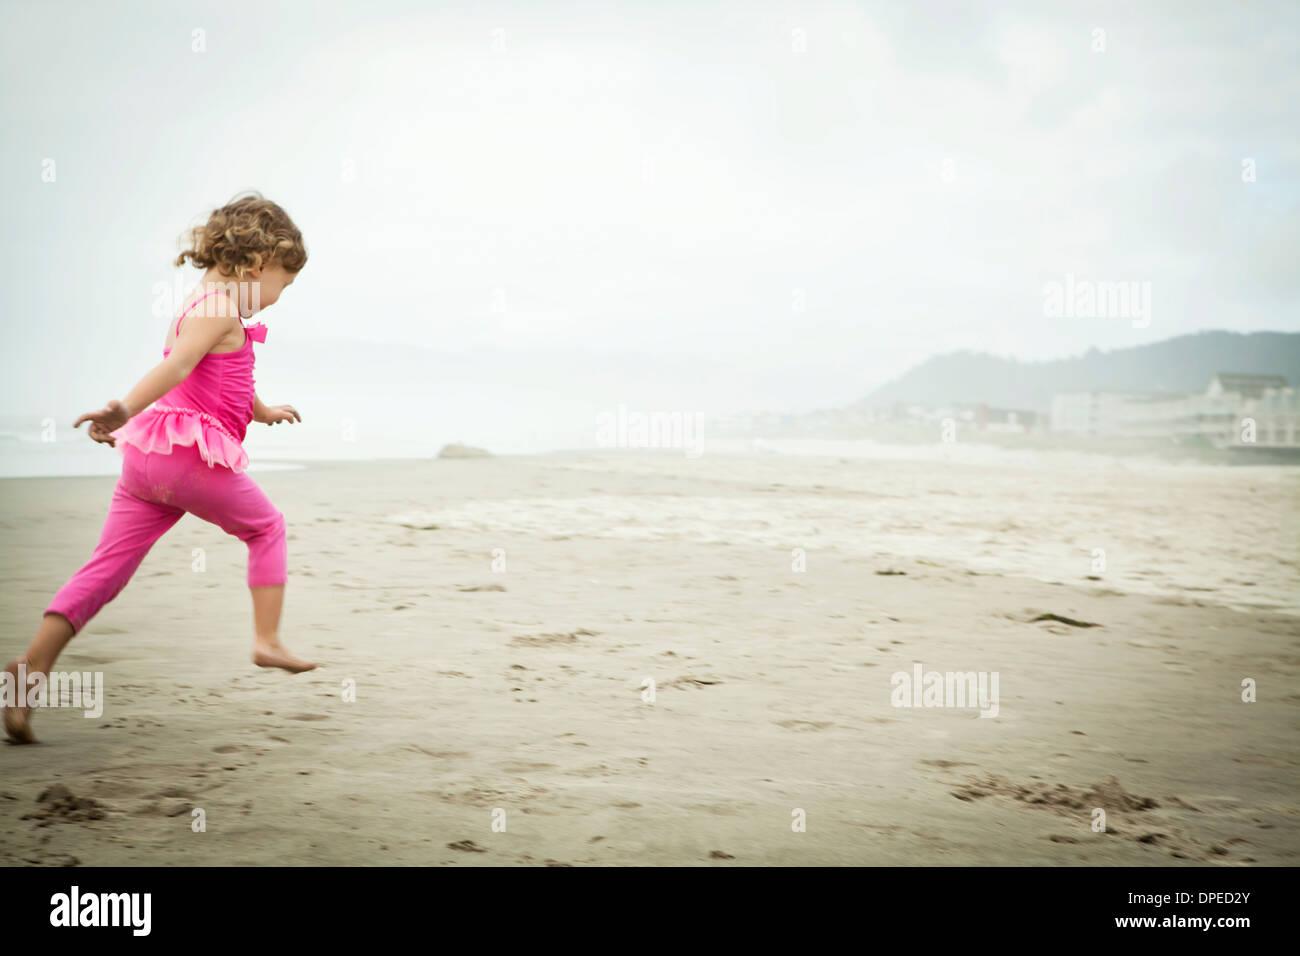 Female toddler running on beach - Stock Image